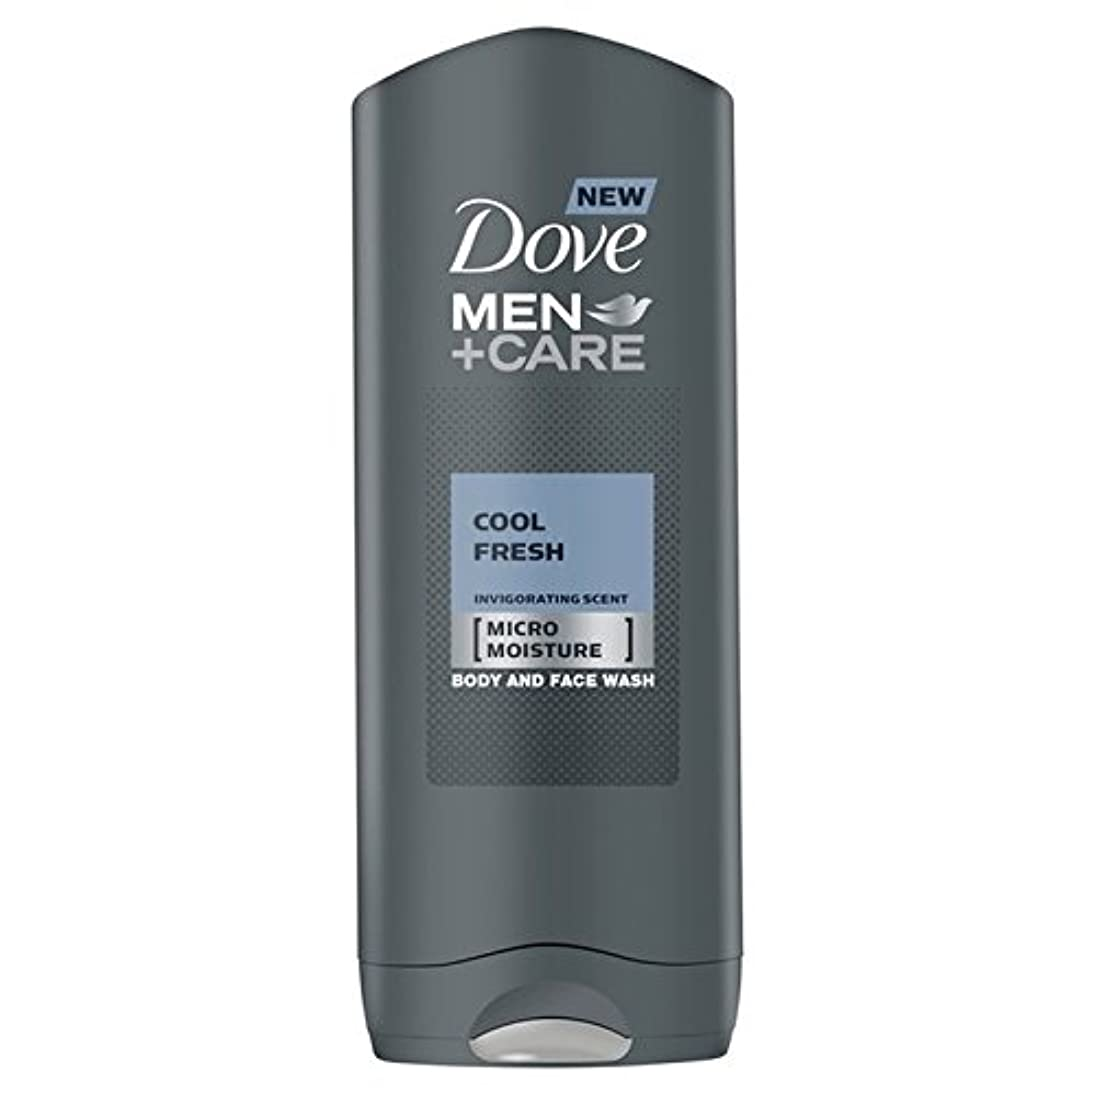 半導体免除する頭クールフレッシュシャワージェル400ミリリットルケア+鳩の男性 x4 - Dove Men+Care Cool Fresh Shower Gel 400ml (Pack of 4) [並行輸入品]